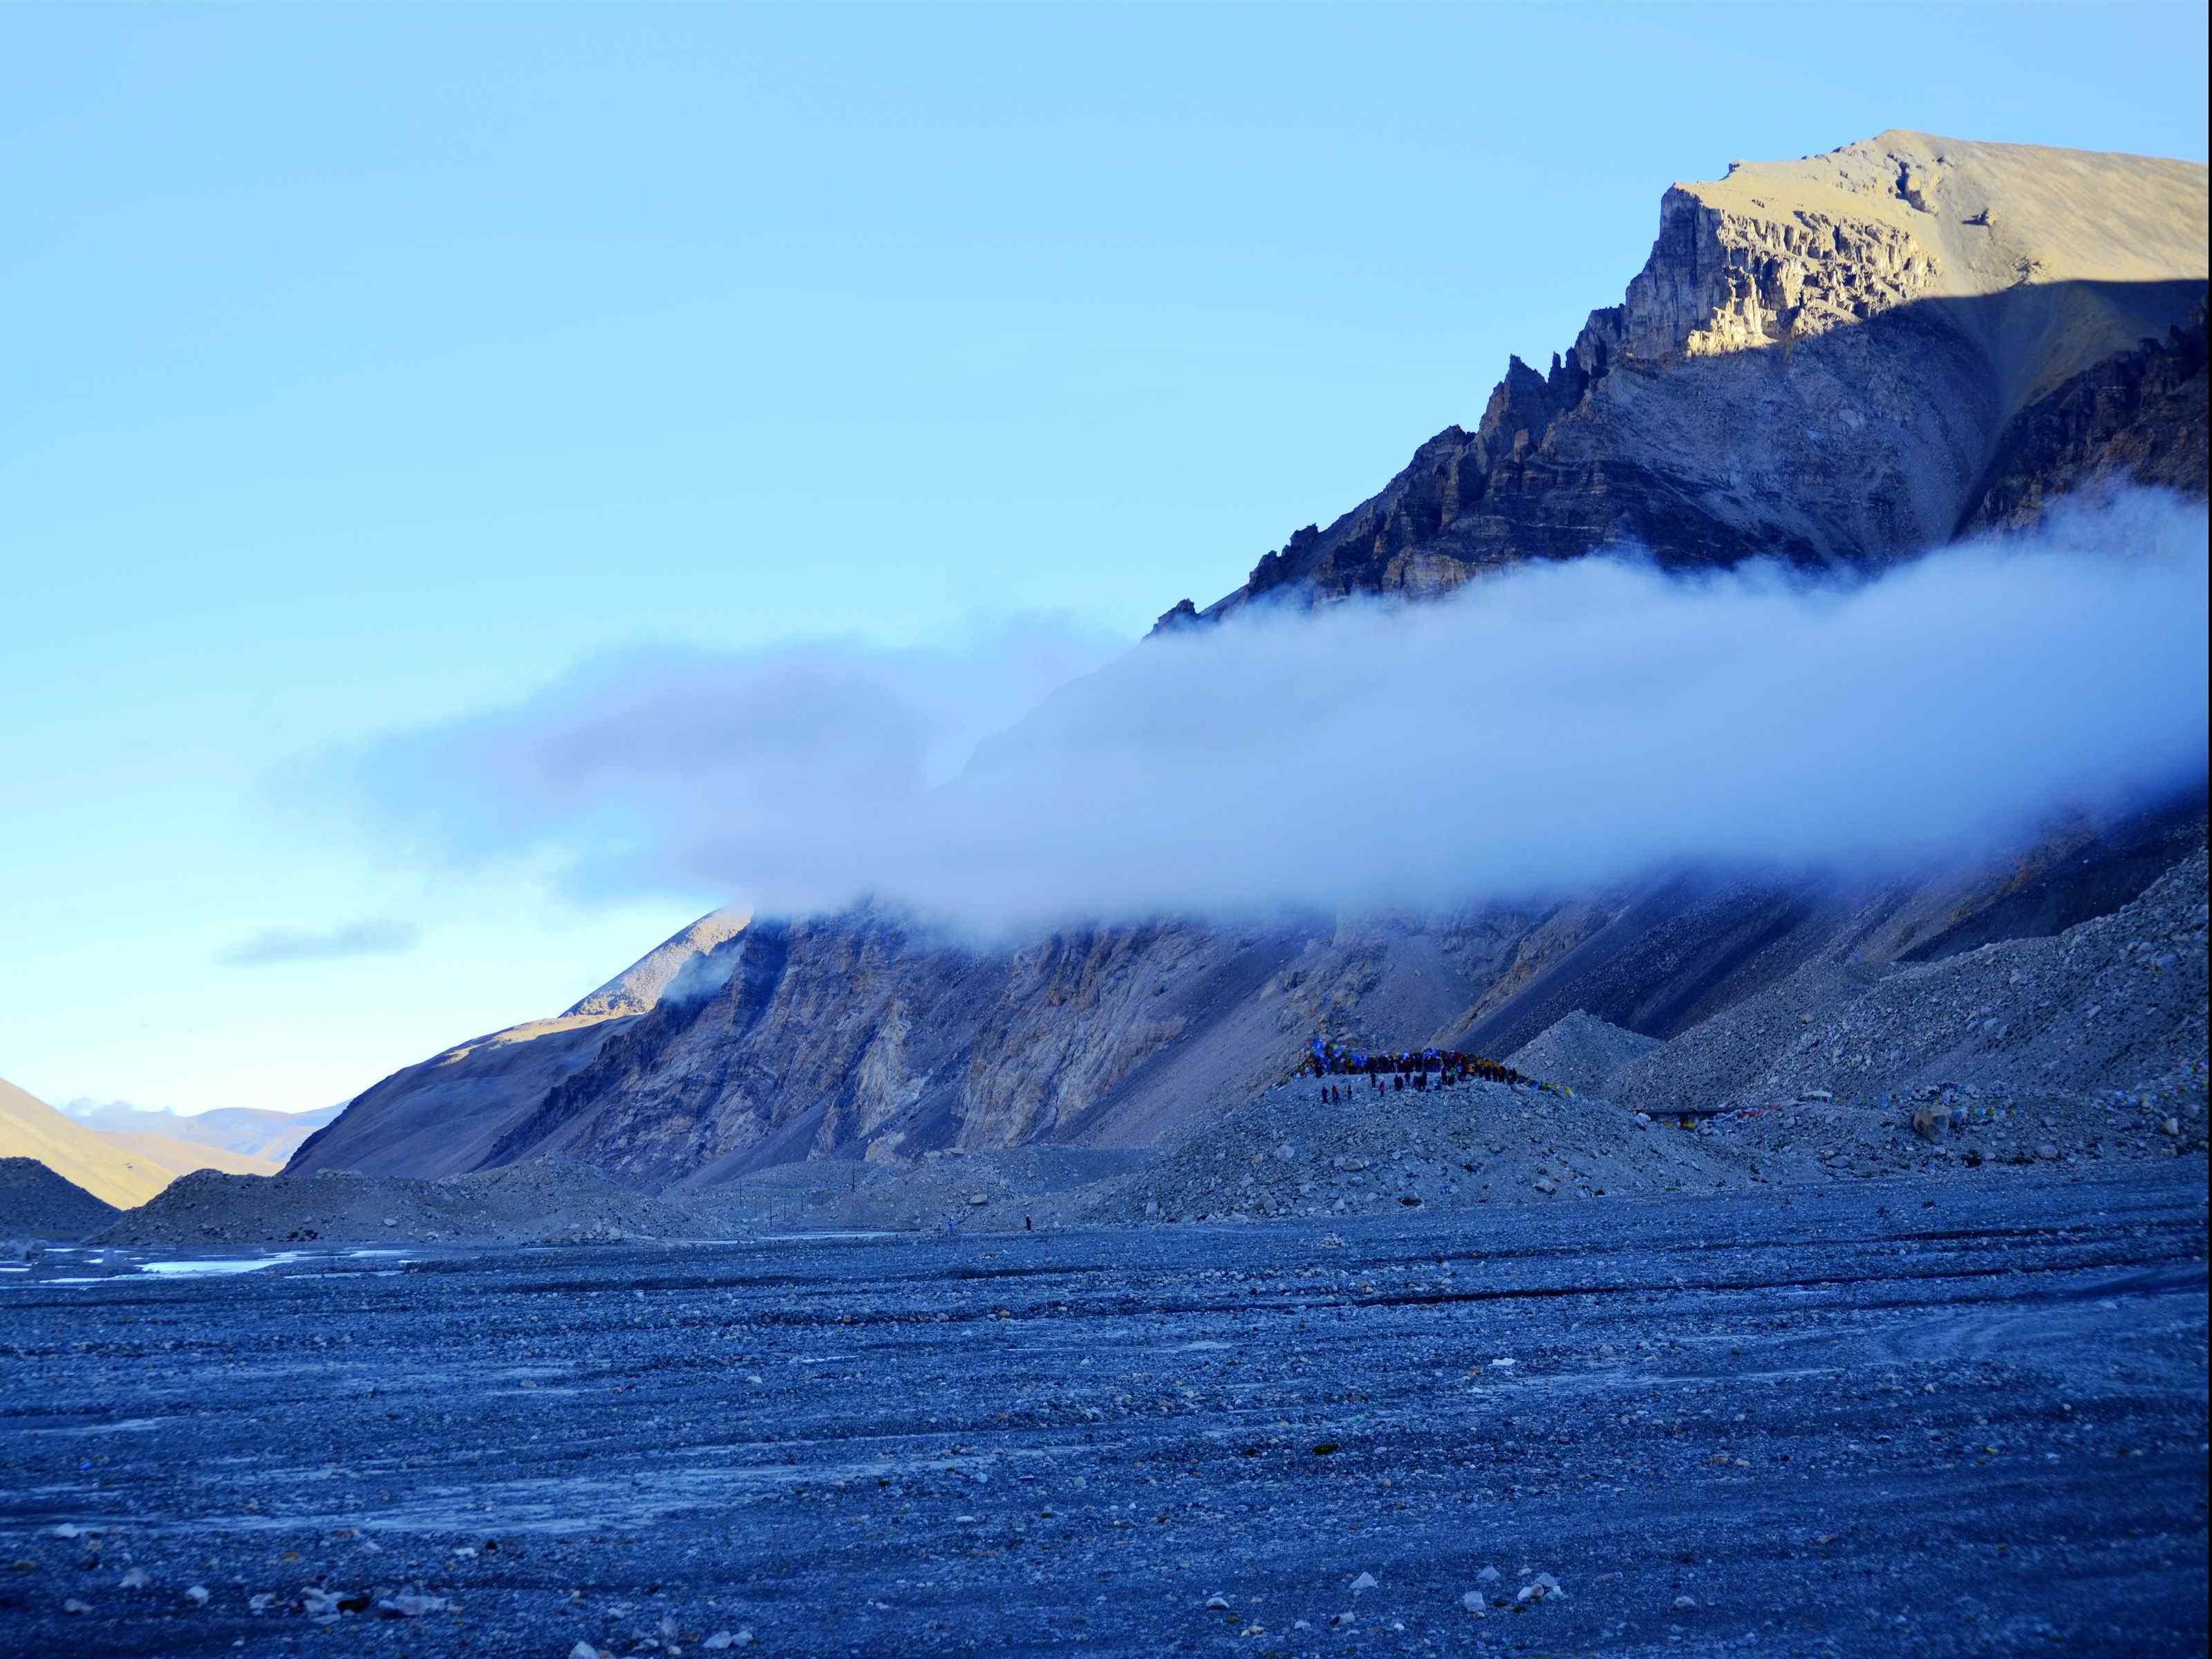 壮观珠穆朗玛峰高海拔自然风景图片桌面壁纸